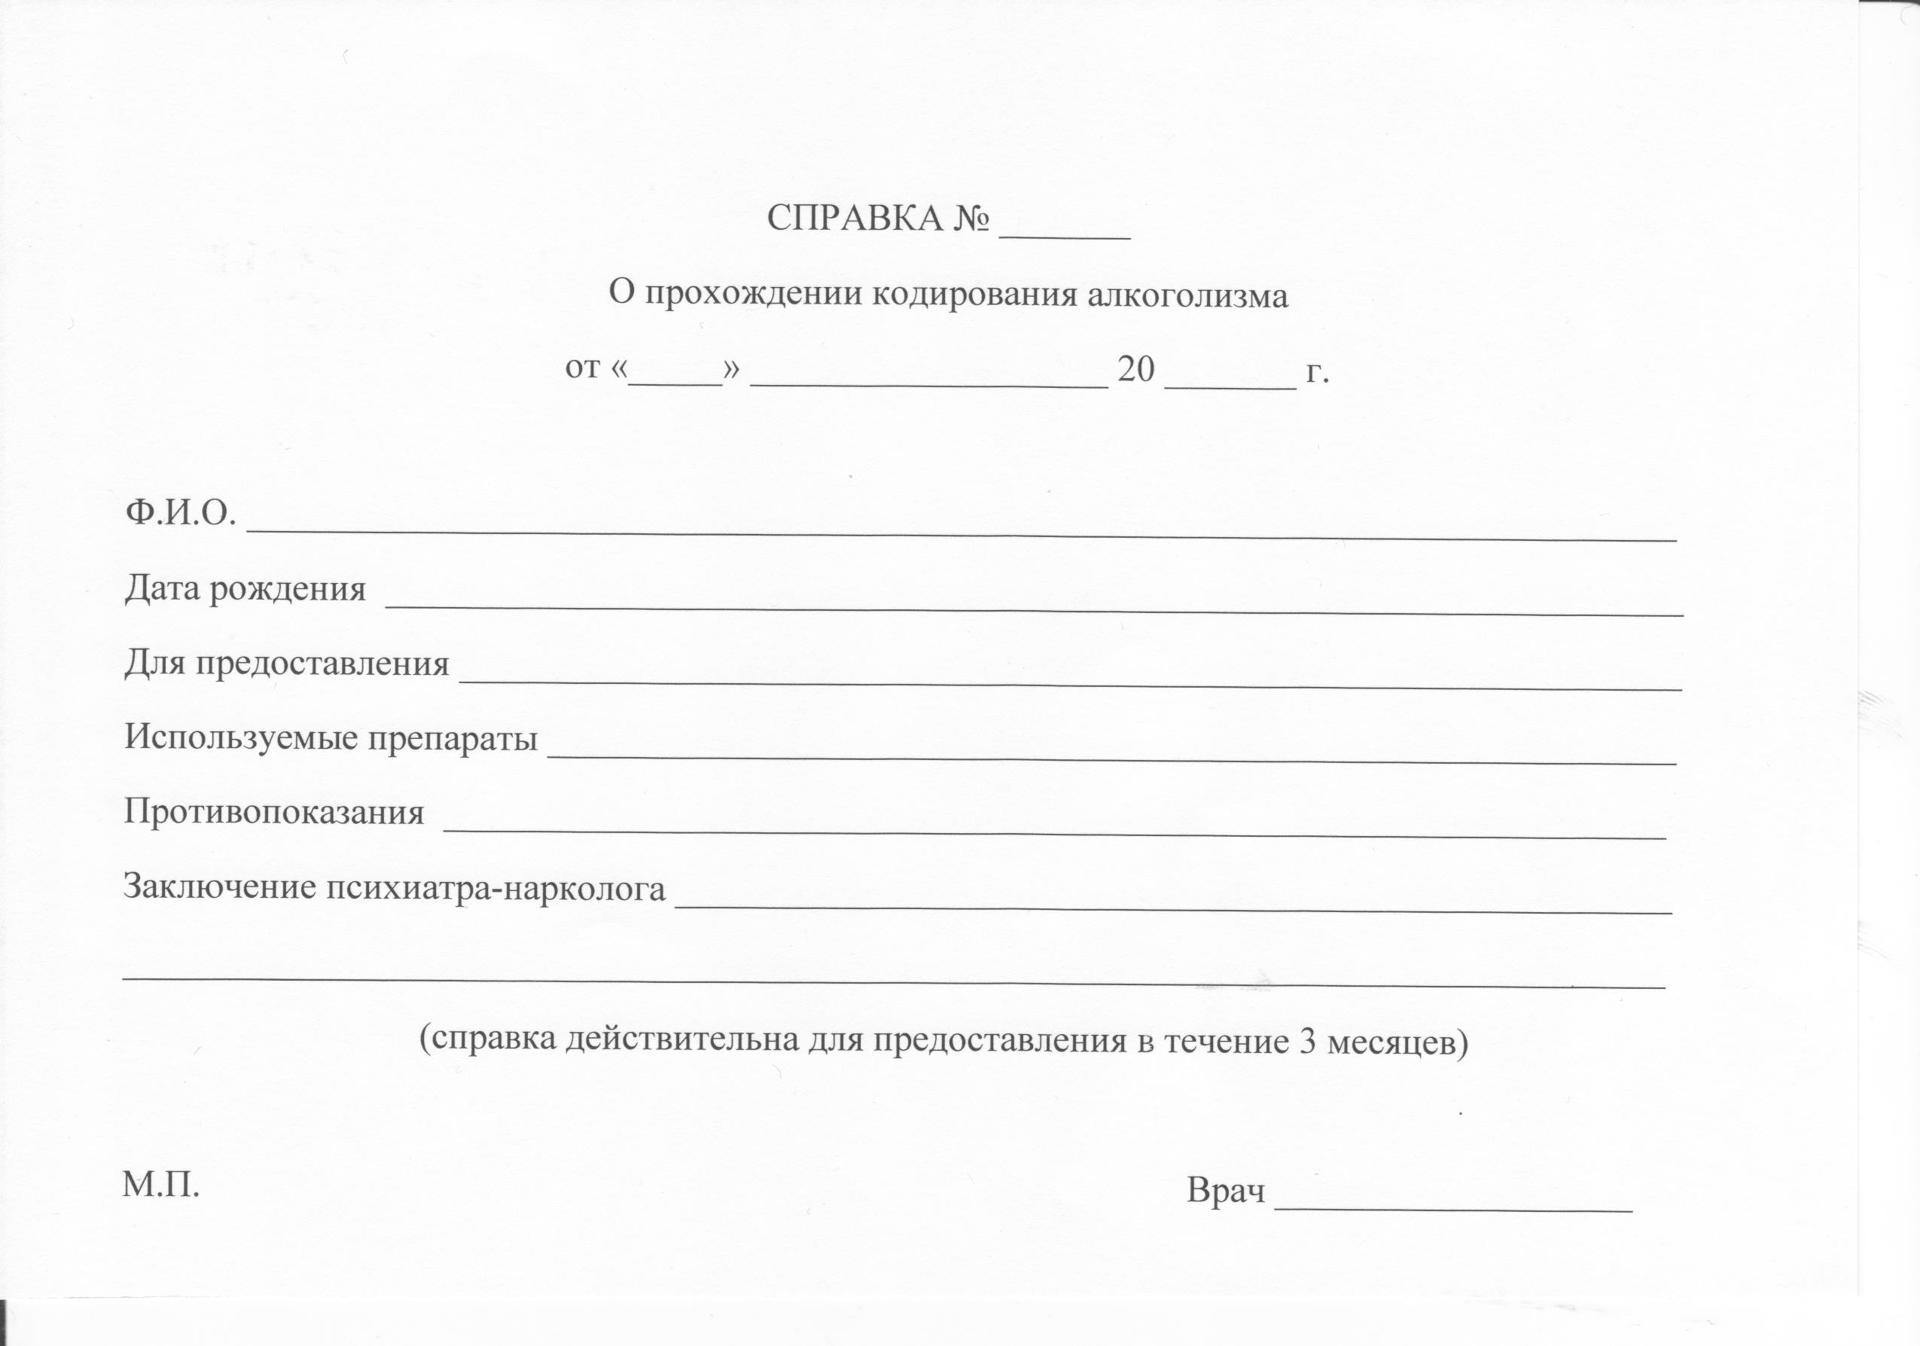 жесткое кодирование от алкоголизма в Москвее цена